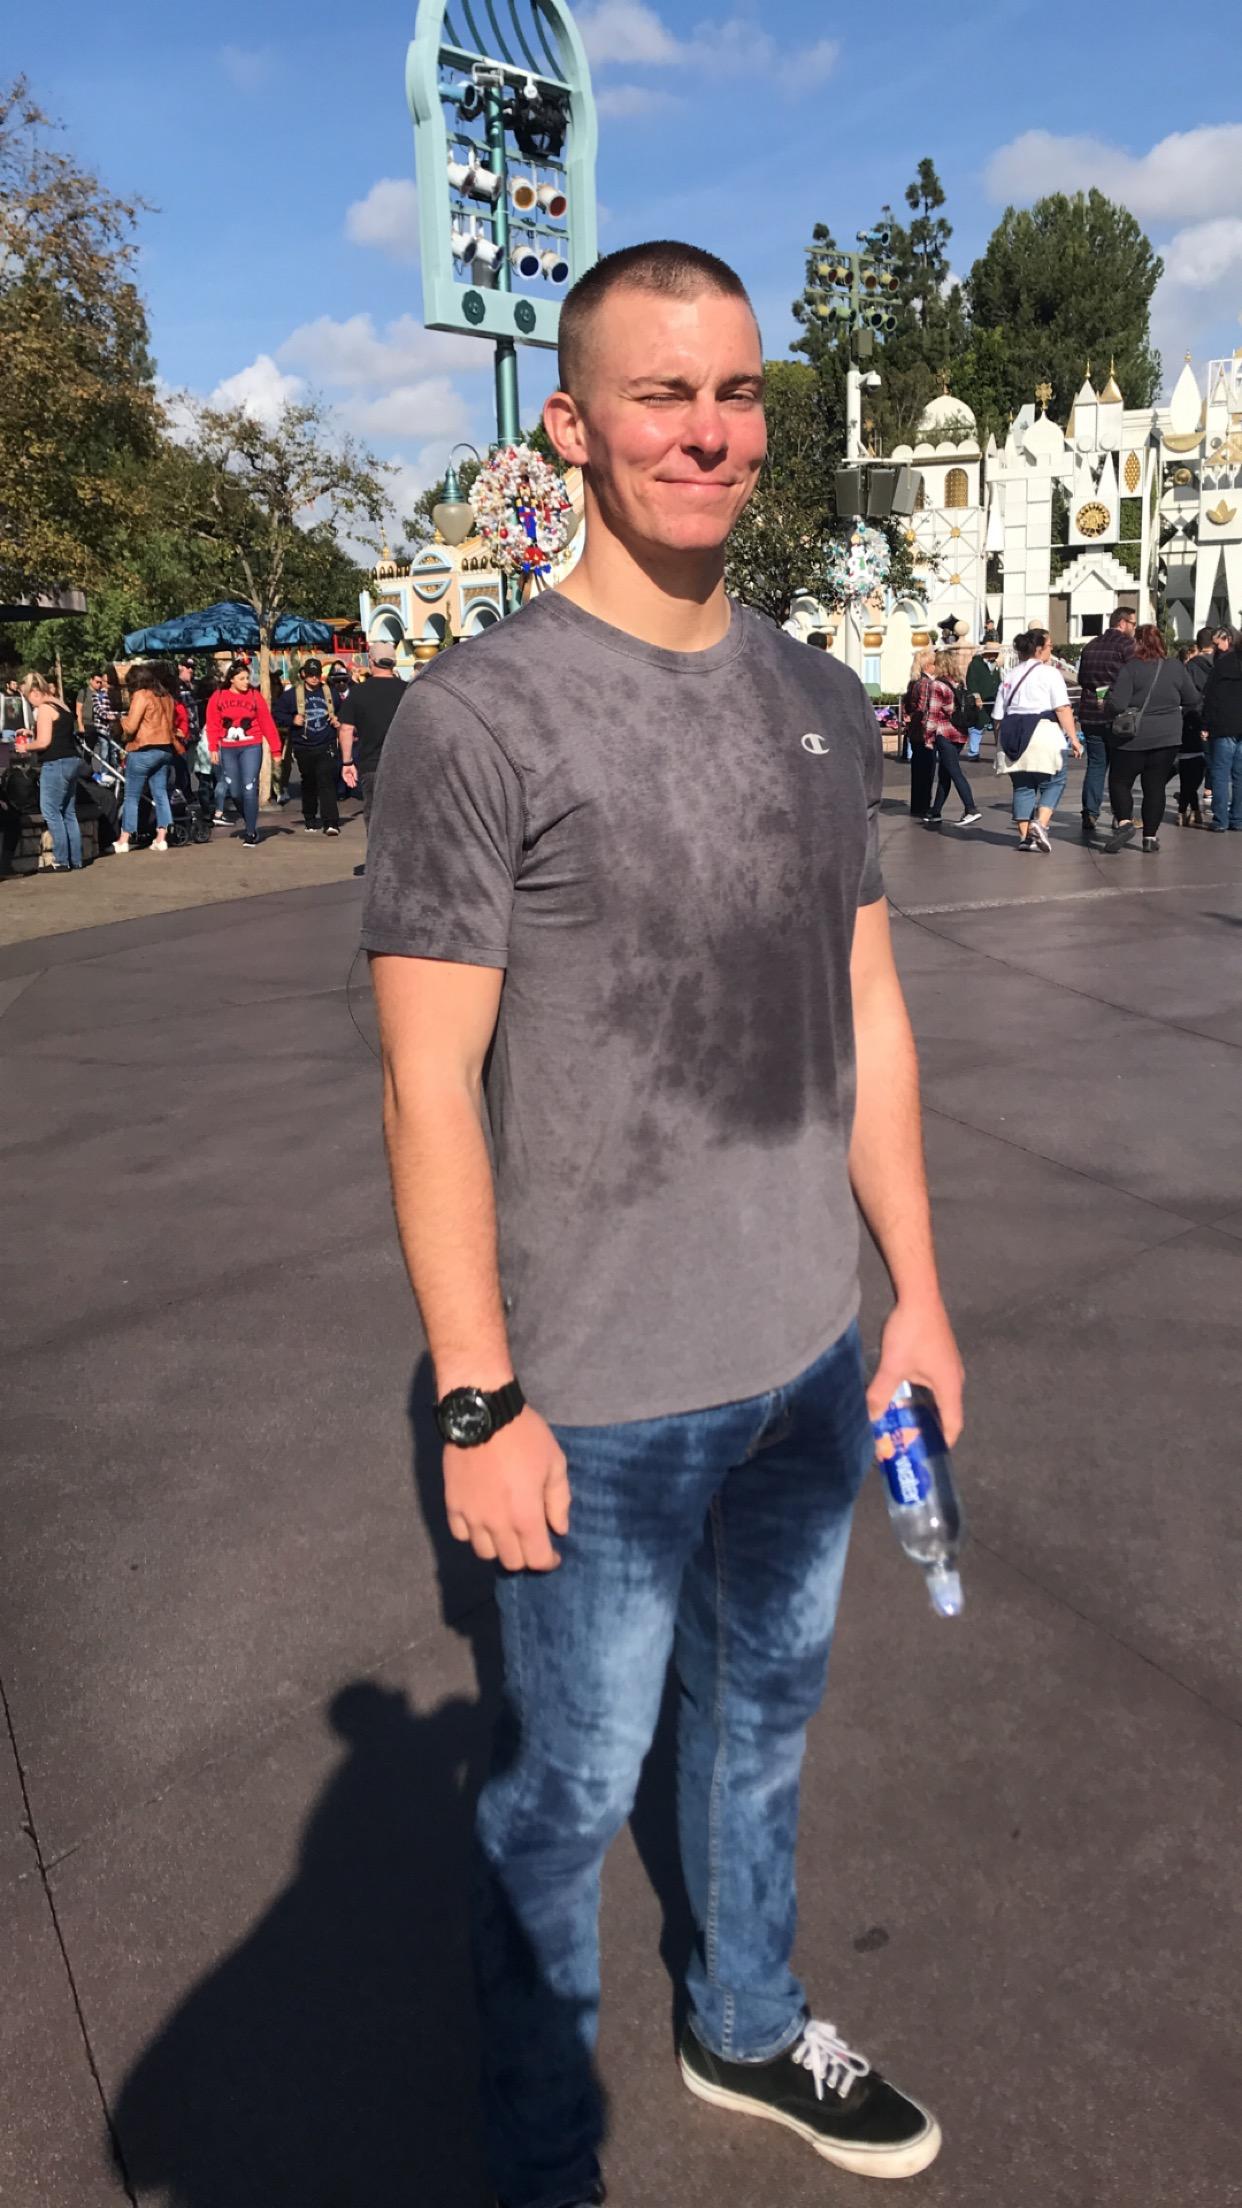 Joe got soaked on a ride.jpg